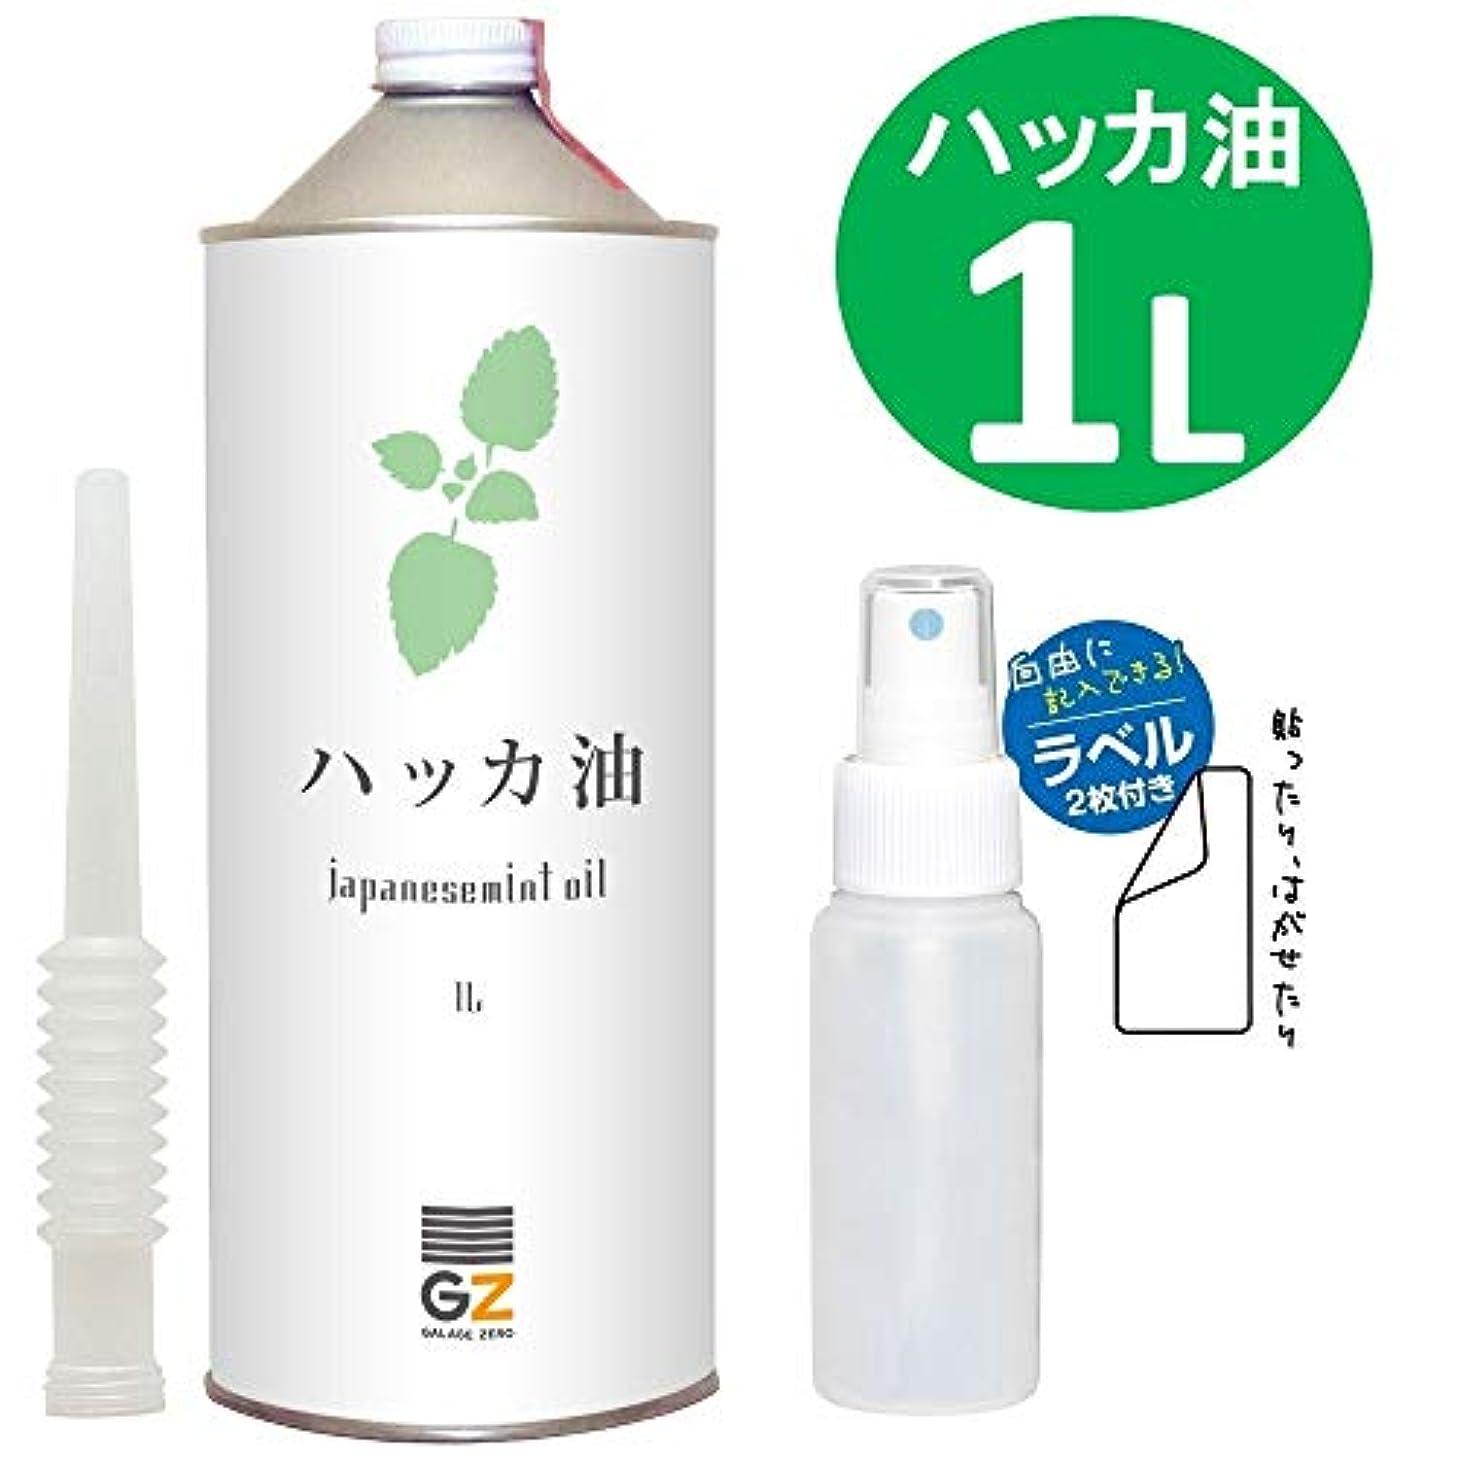 合理化哀れな一致するガレージ?ゼロ ハッカ油 1L(GZAK14)+50mlPEスプレーボトル/和種薄荷/ジャパニーズミント GSE531